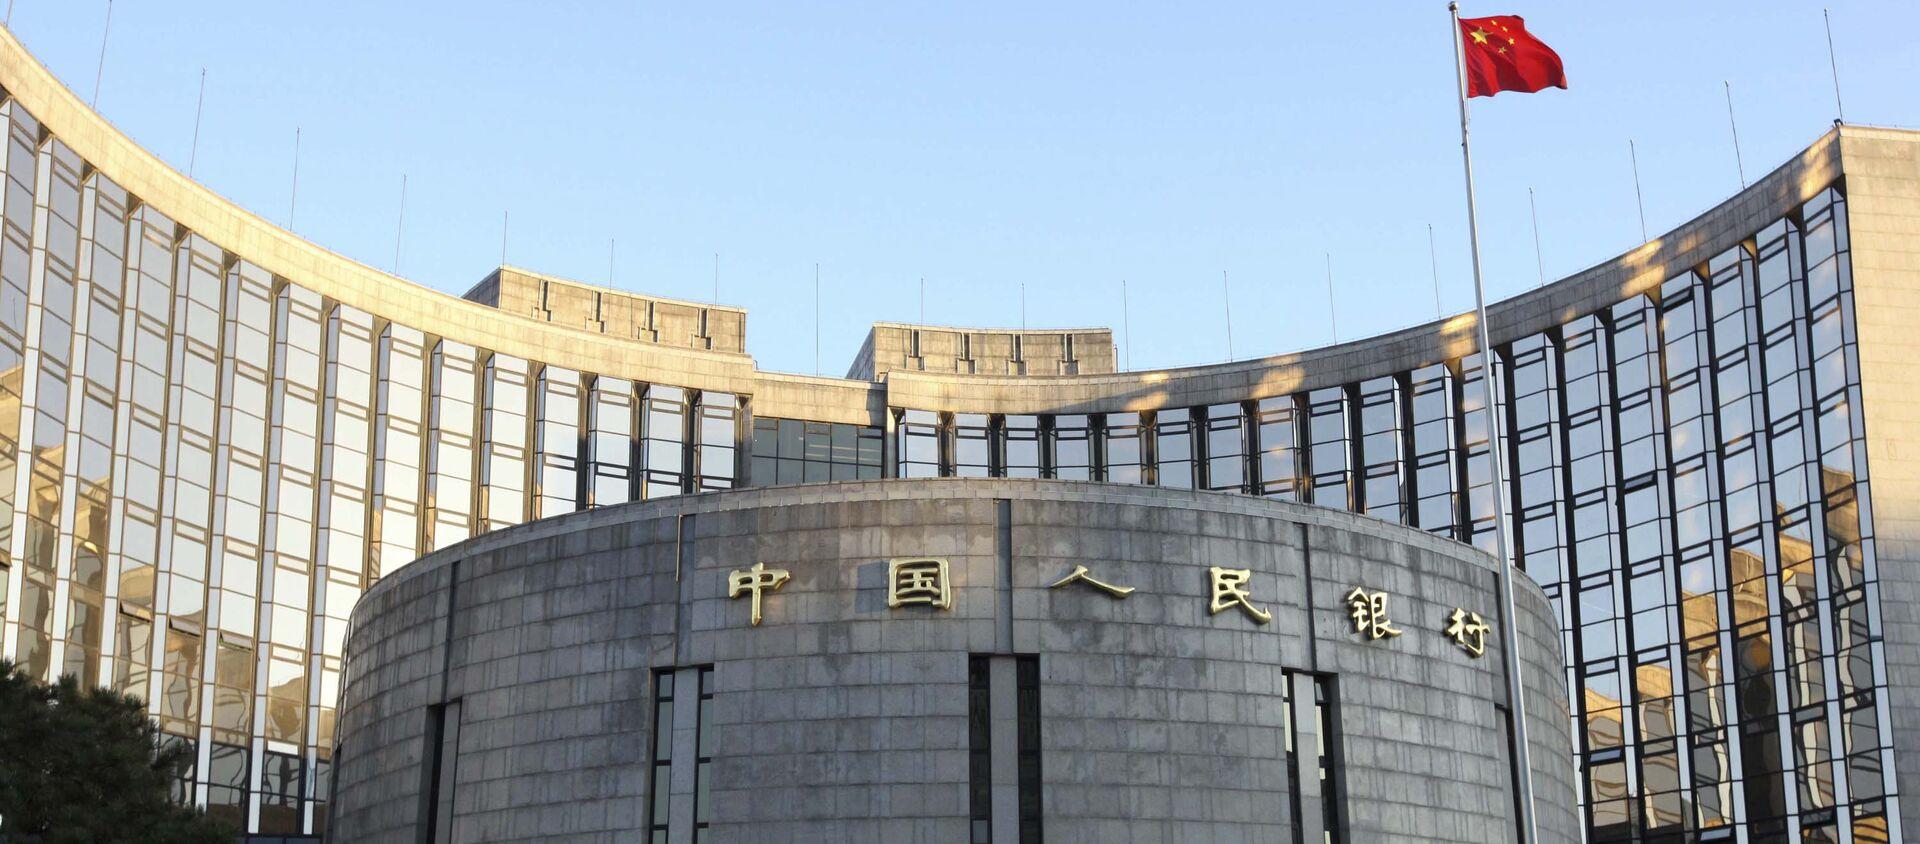 中国人民銀行 - Sputnik 日本, 1920, 24.09.2021